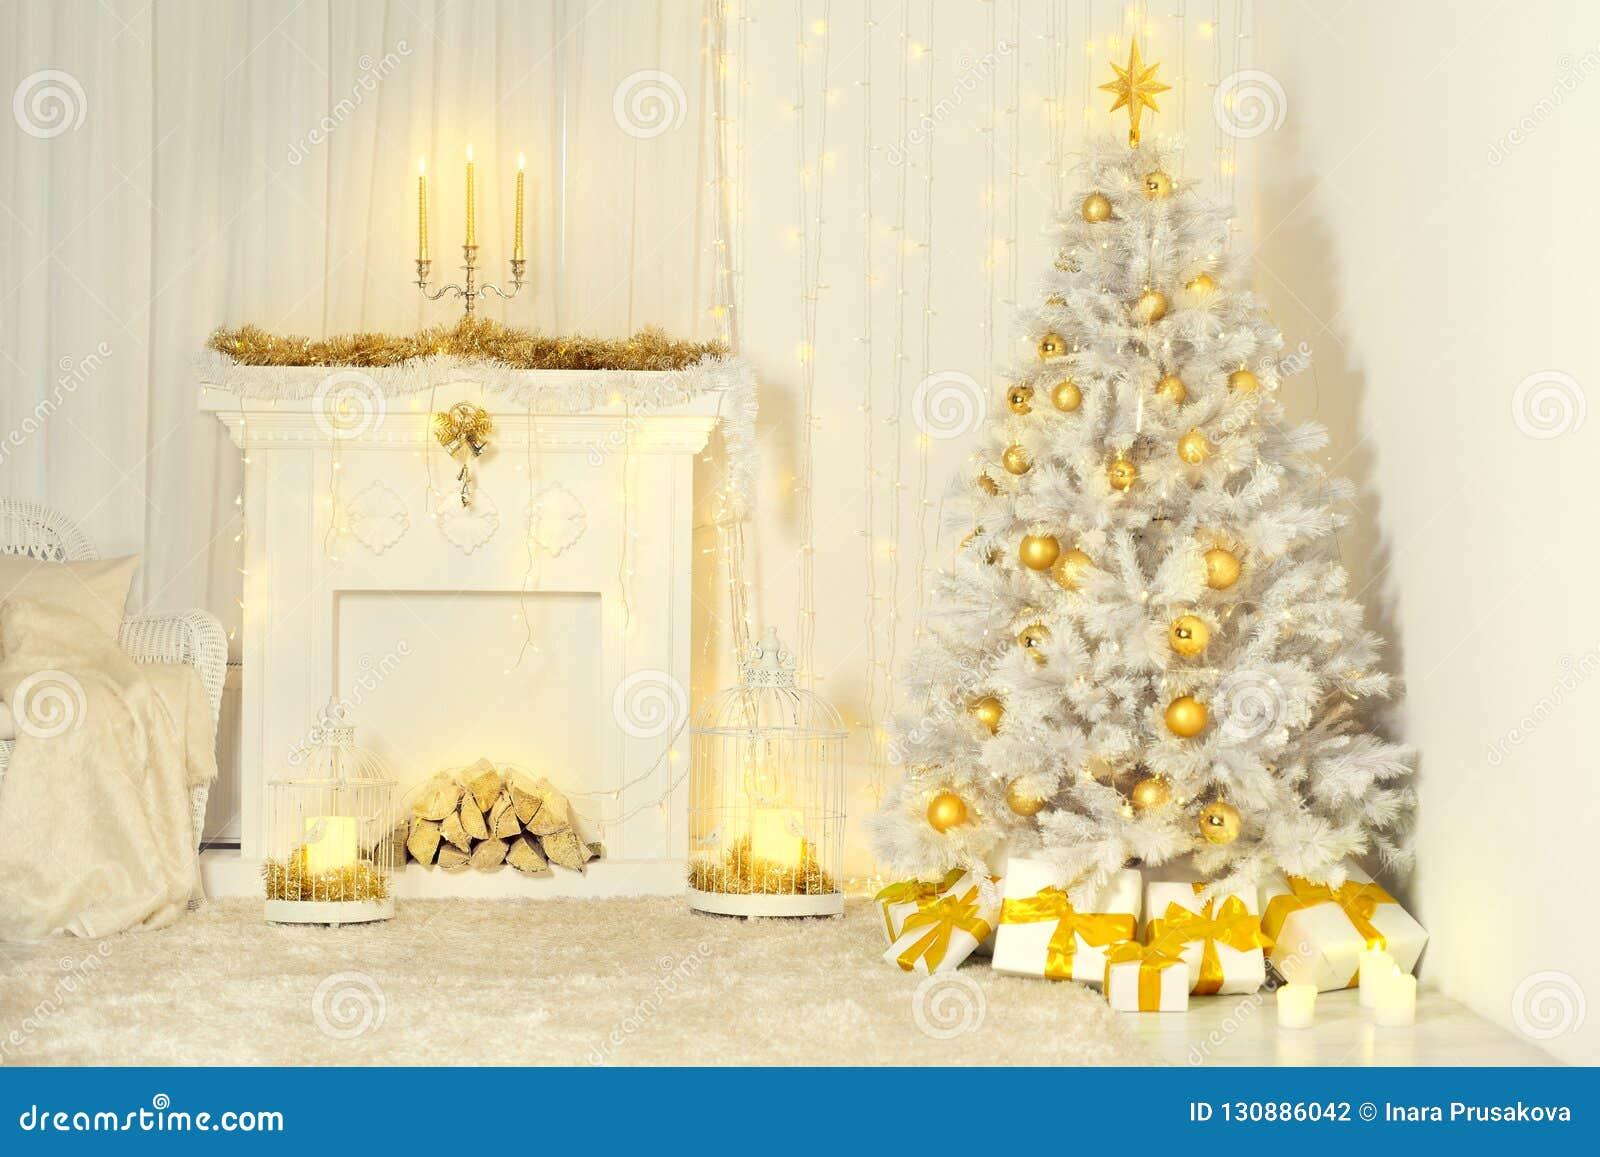 Kerstboom en Open haard, Gouden Kleur Verfraaid Zaal Binnenland